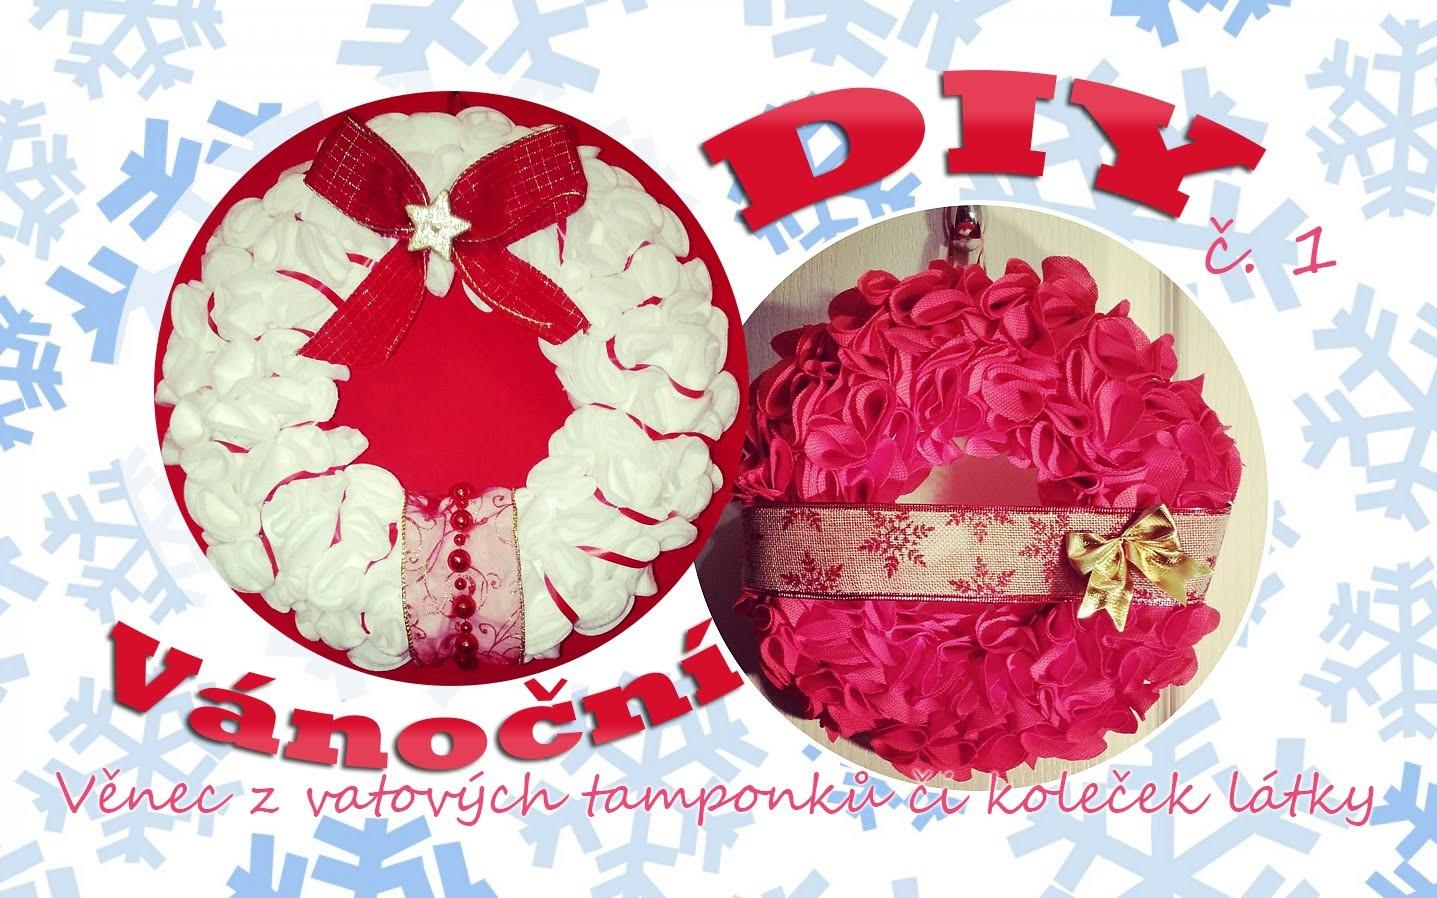 Vánoční DIY č.1 - Věnec z vatových tamponků či koleček látky